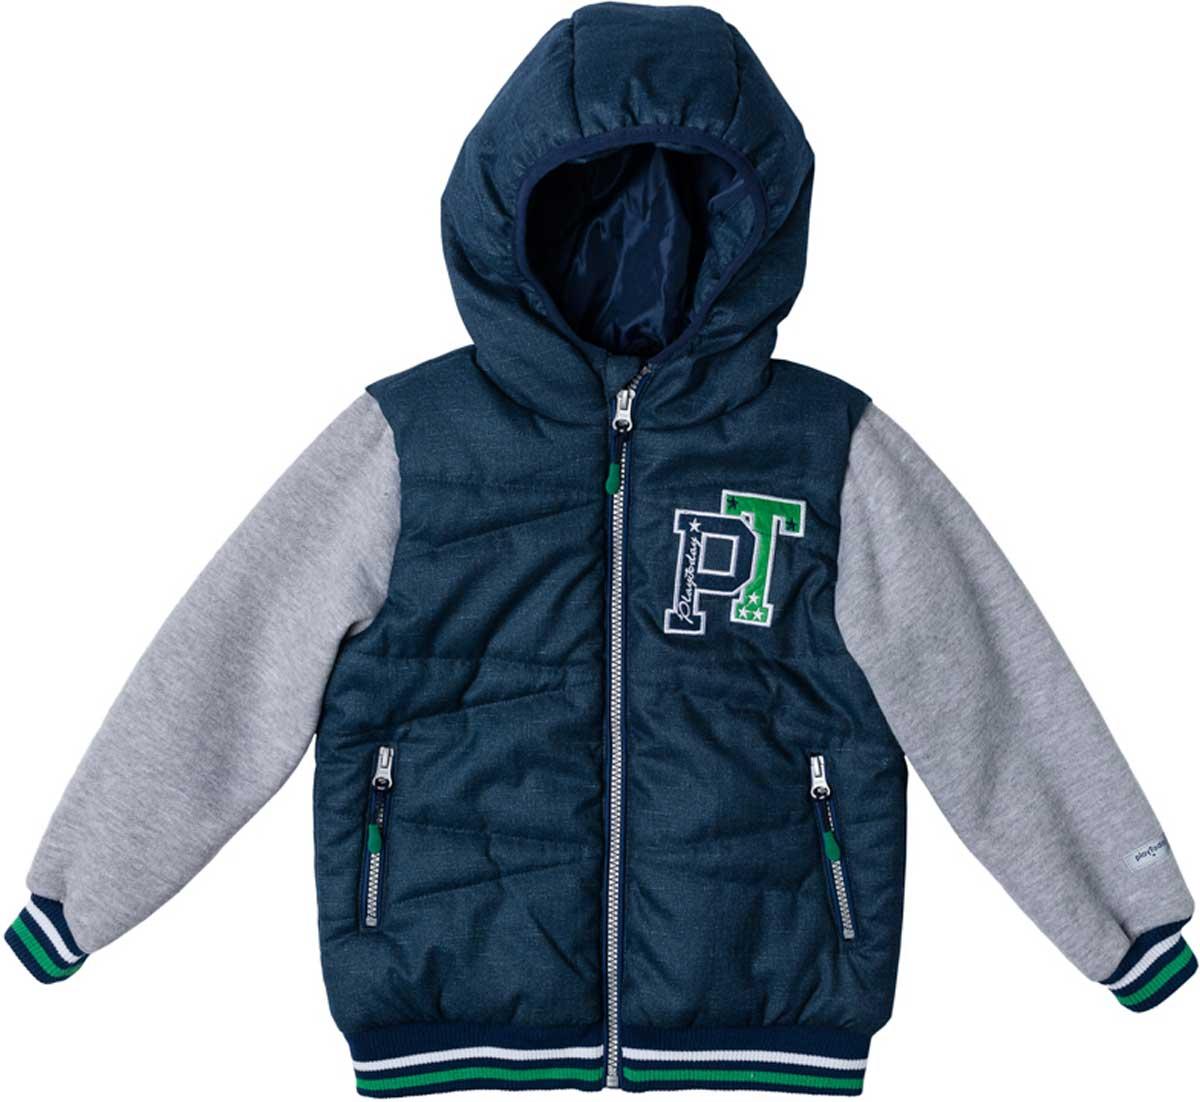 Куртка для мальчика PlayToday, цвет: темно-синий, синий, зеленый. 171002. Размер 110171002Эффектная утепленная куртка с капюшоном на молнии прекрасно подойдет вашему ребенку в прохладную погоду. Специальный карман для фиксации застежки-молнии не позволит застежке травмировать нежную кожу ребенка. Даже у самого активного ребенка капюшон не спадет с головы за счет удобной мягкой резинки. Наличие светоотражателя на подоле позволит видеть вашего ребенка в темное время суток. За счет рукавов из текстиля с начесом, такая куртка будет уместна и в прохладную погоду. Куртка украшена яркой аппликацией.